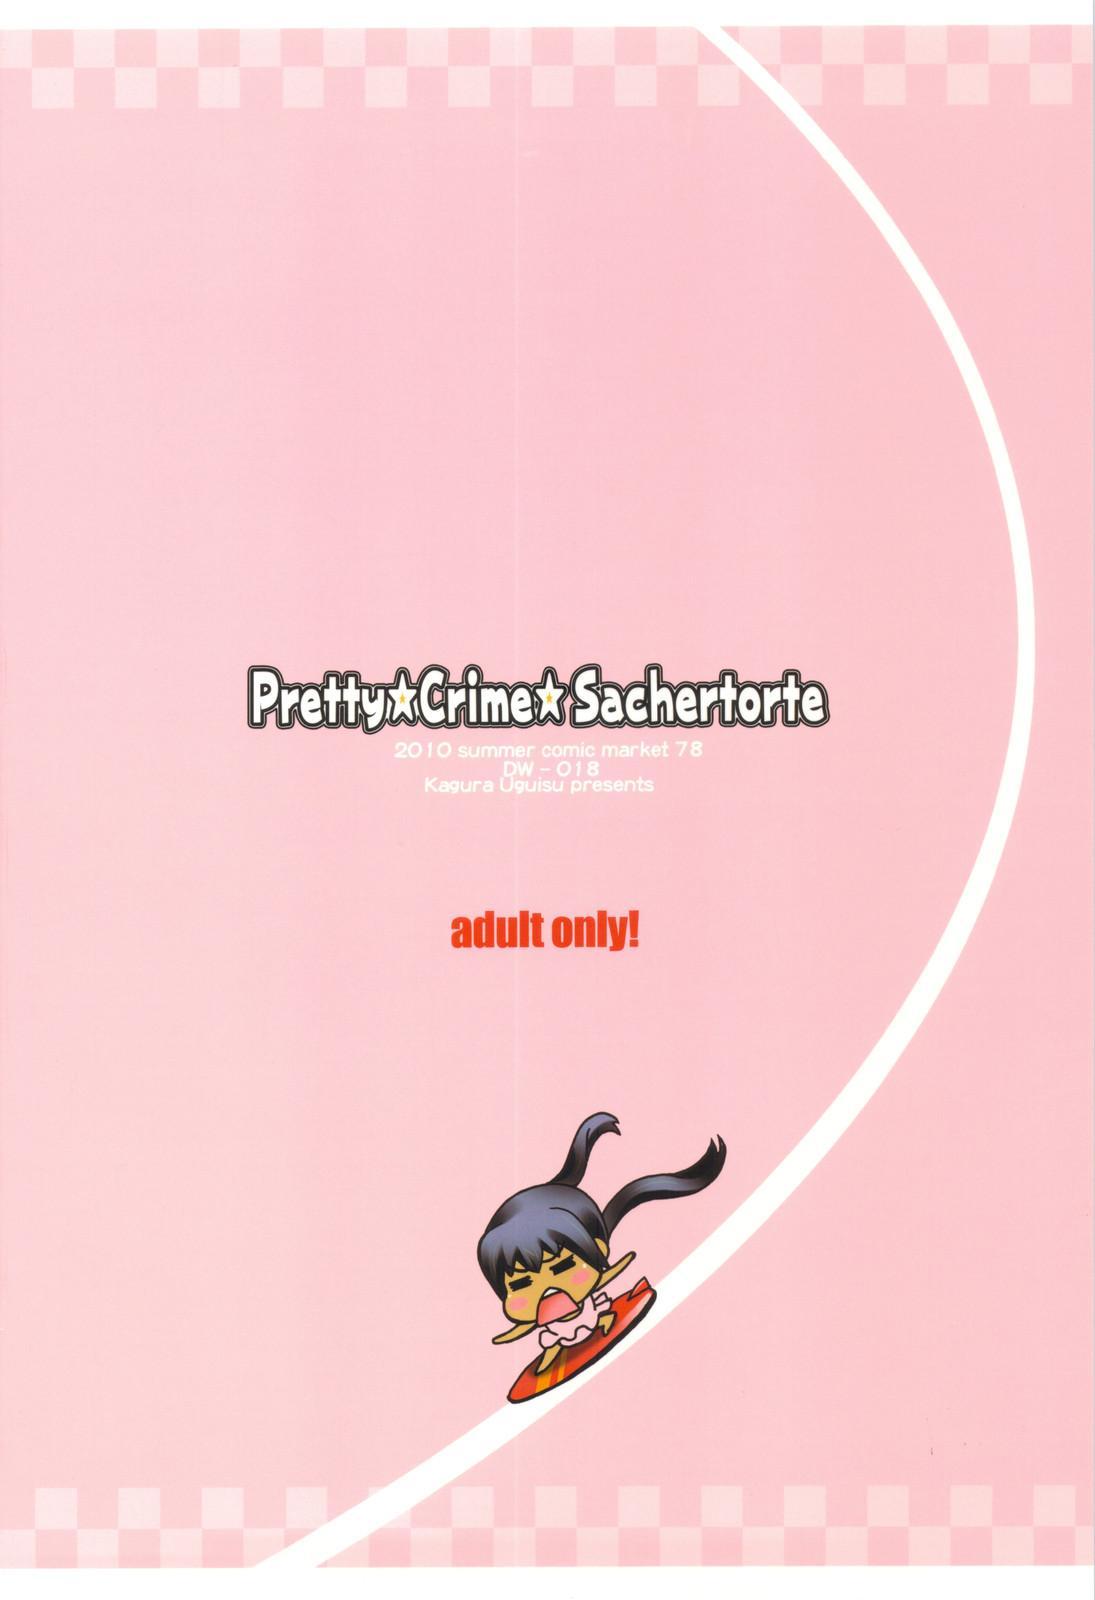 Pretty ☆ Crime ☆ Sachertorte 23